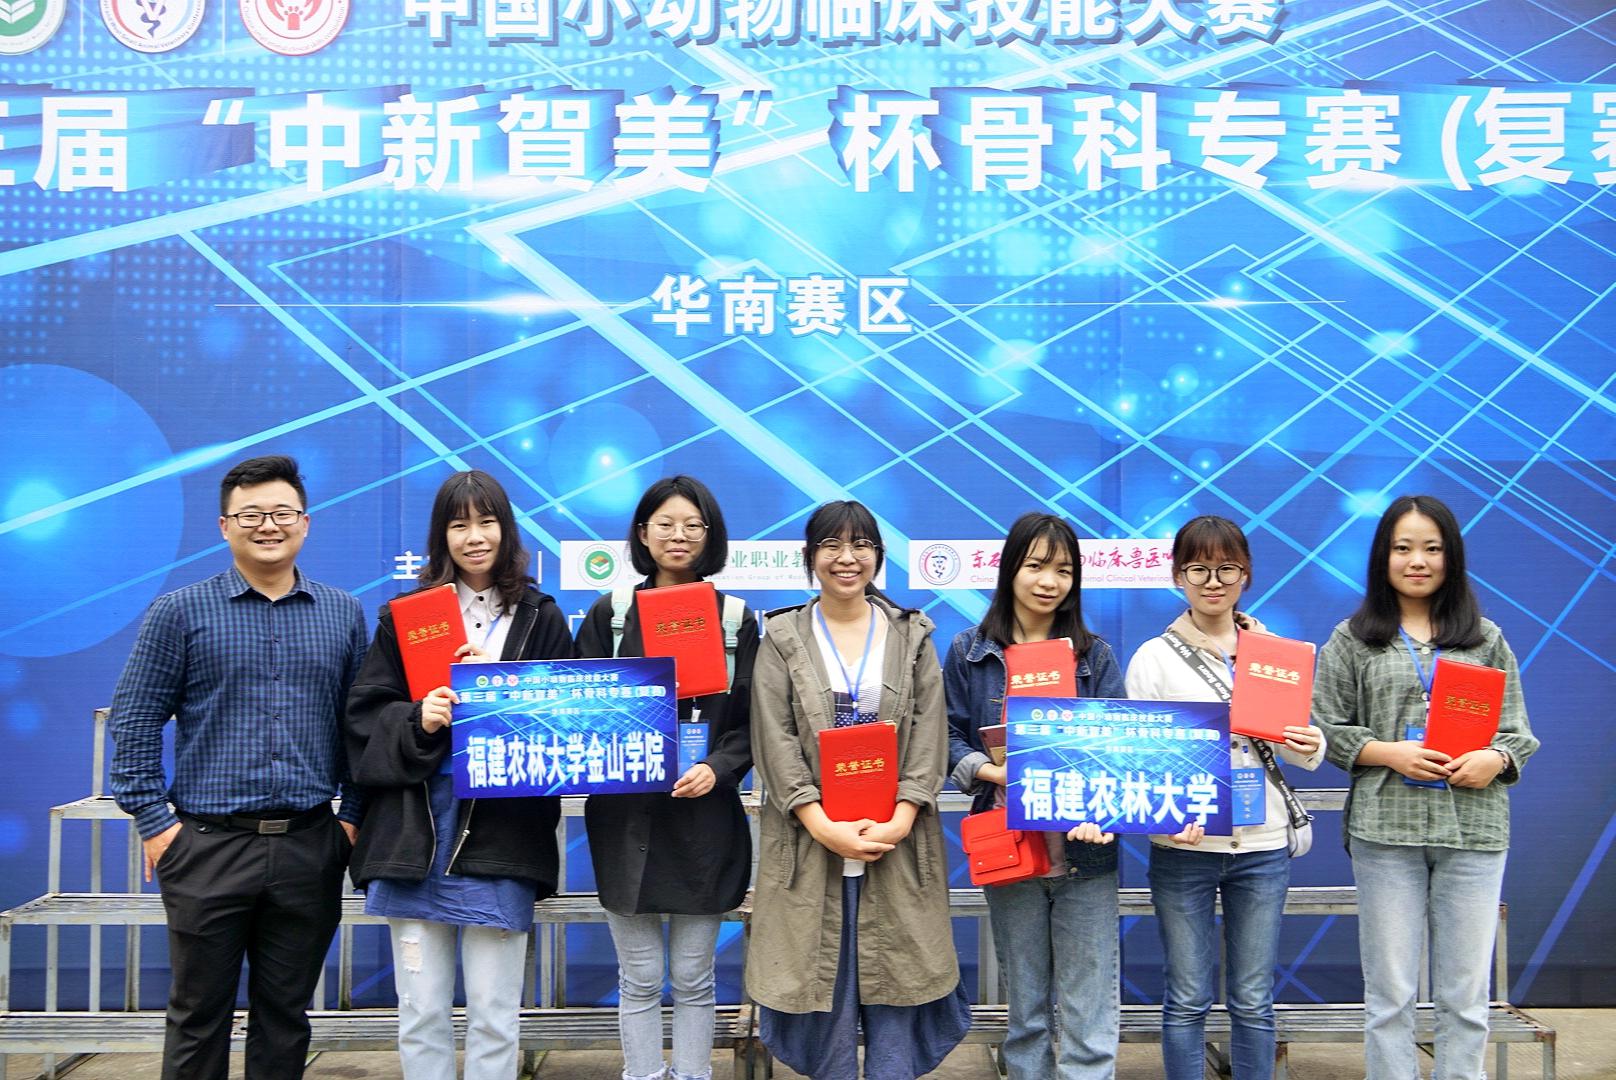 农业与生物技术系在中国小动物临床技能大赛中荣获佳绩